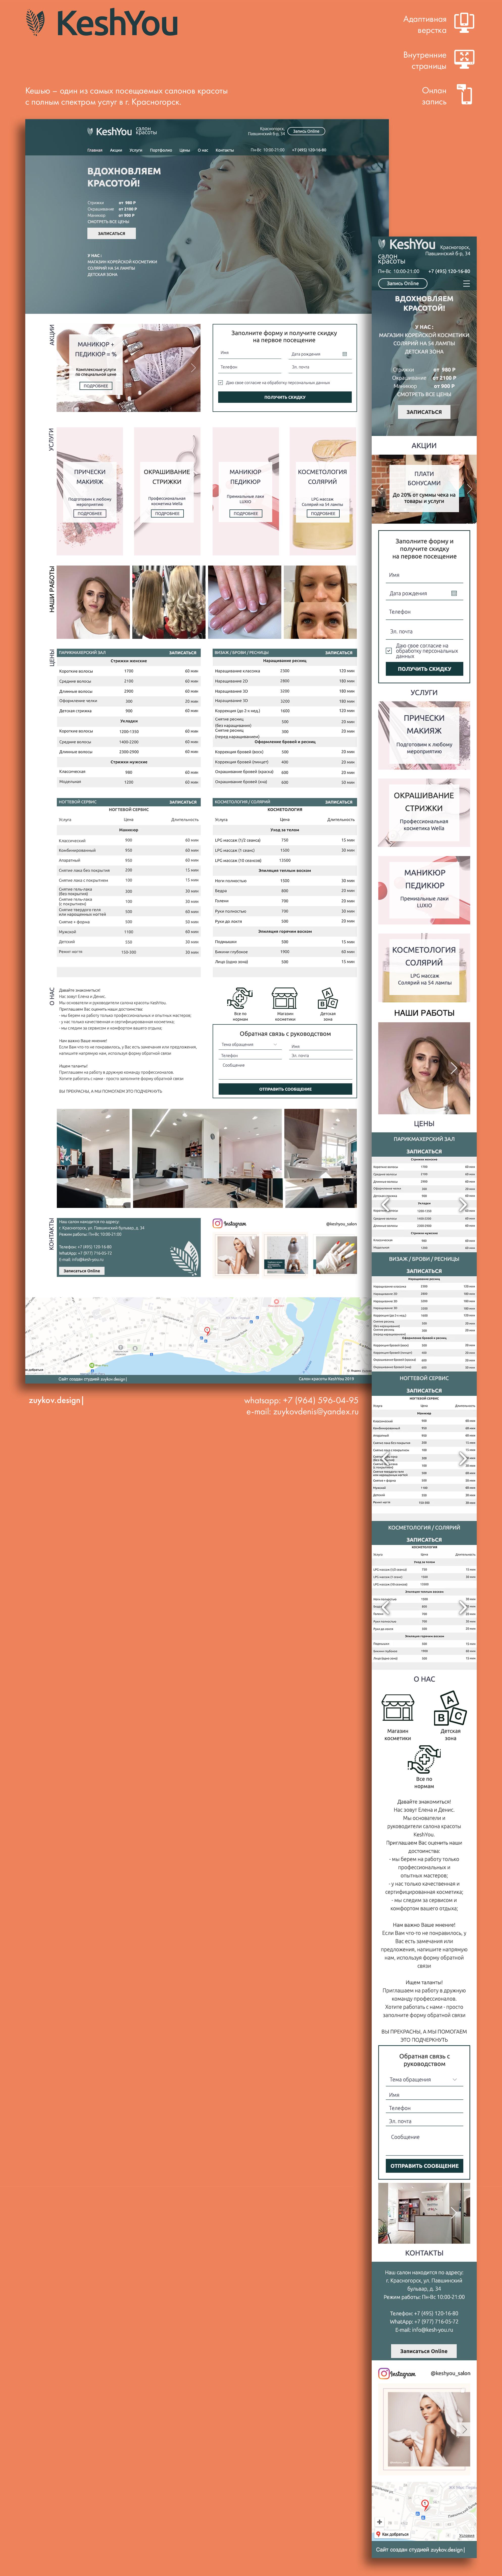 Лендинг салона красоты KeshYou   Мобильная версия   Онлайн запись   Фирменный стиль   Продающая структура